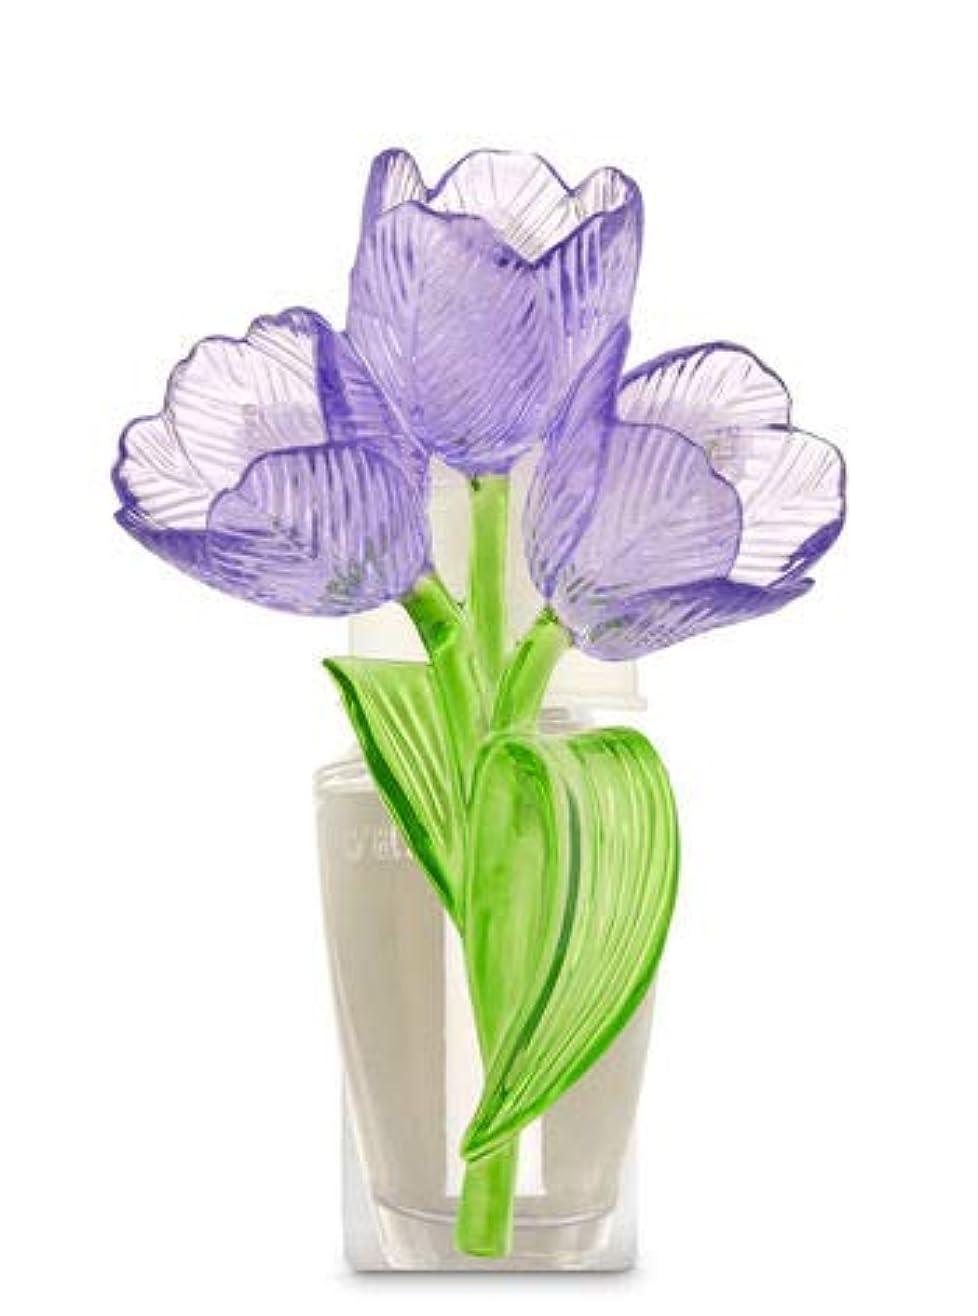 薄汚いロケット対角線【Bath&Body Works/バス&ボディワークス】 ルームフレグランス プラグインスターター (本体のみ) チューリップ ナイトライト Wallflowers Fragrance Plug Tulips Night...